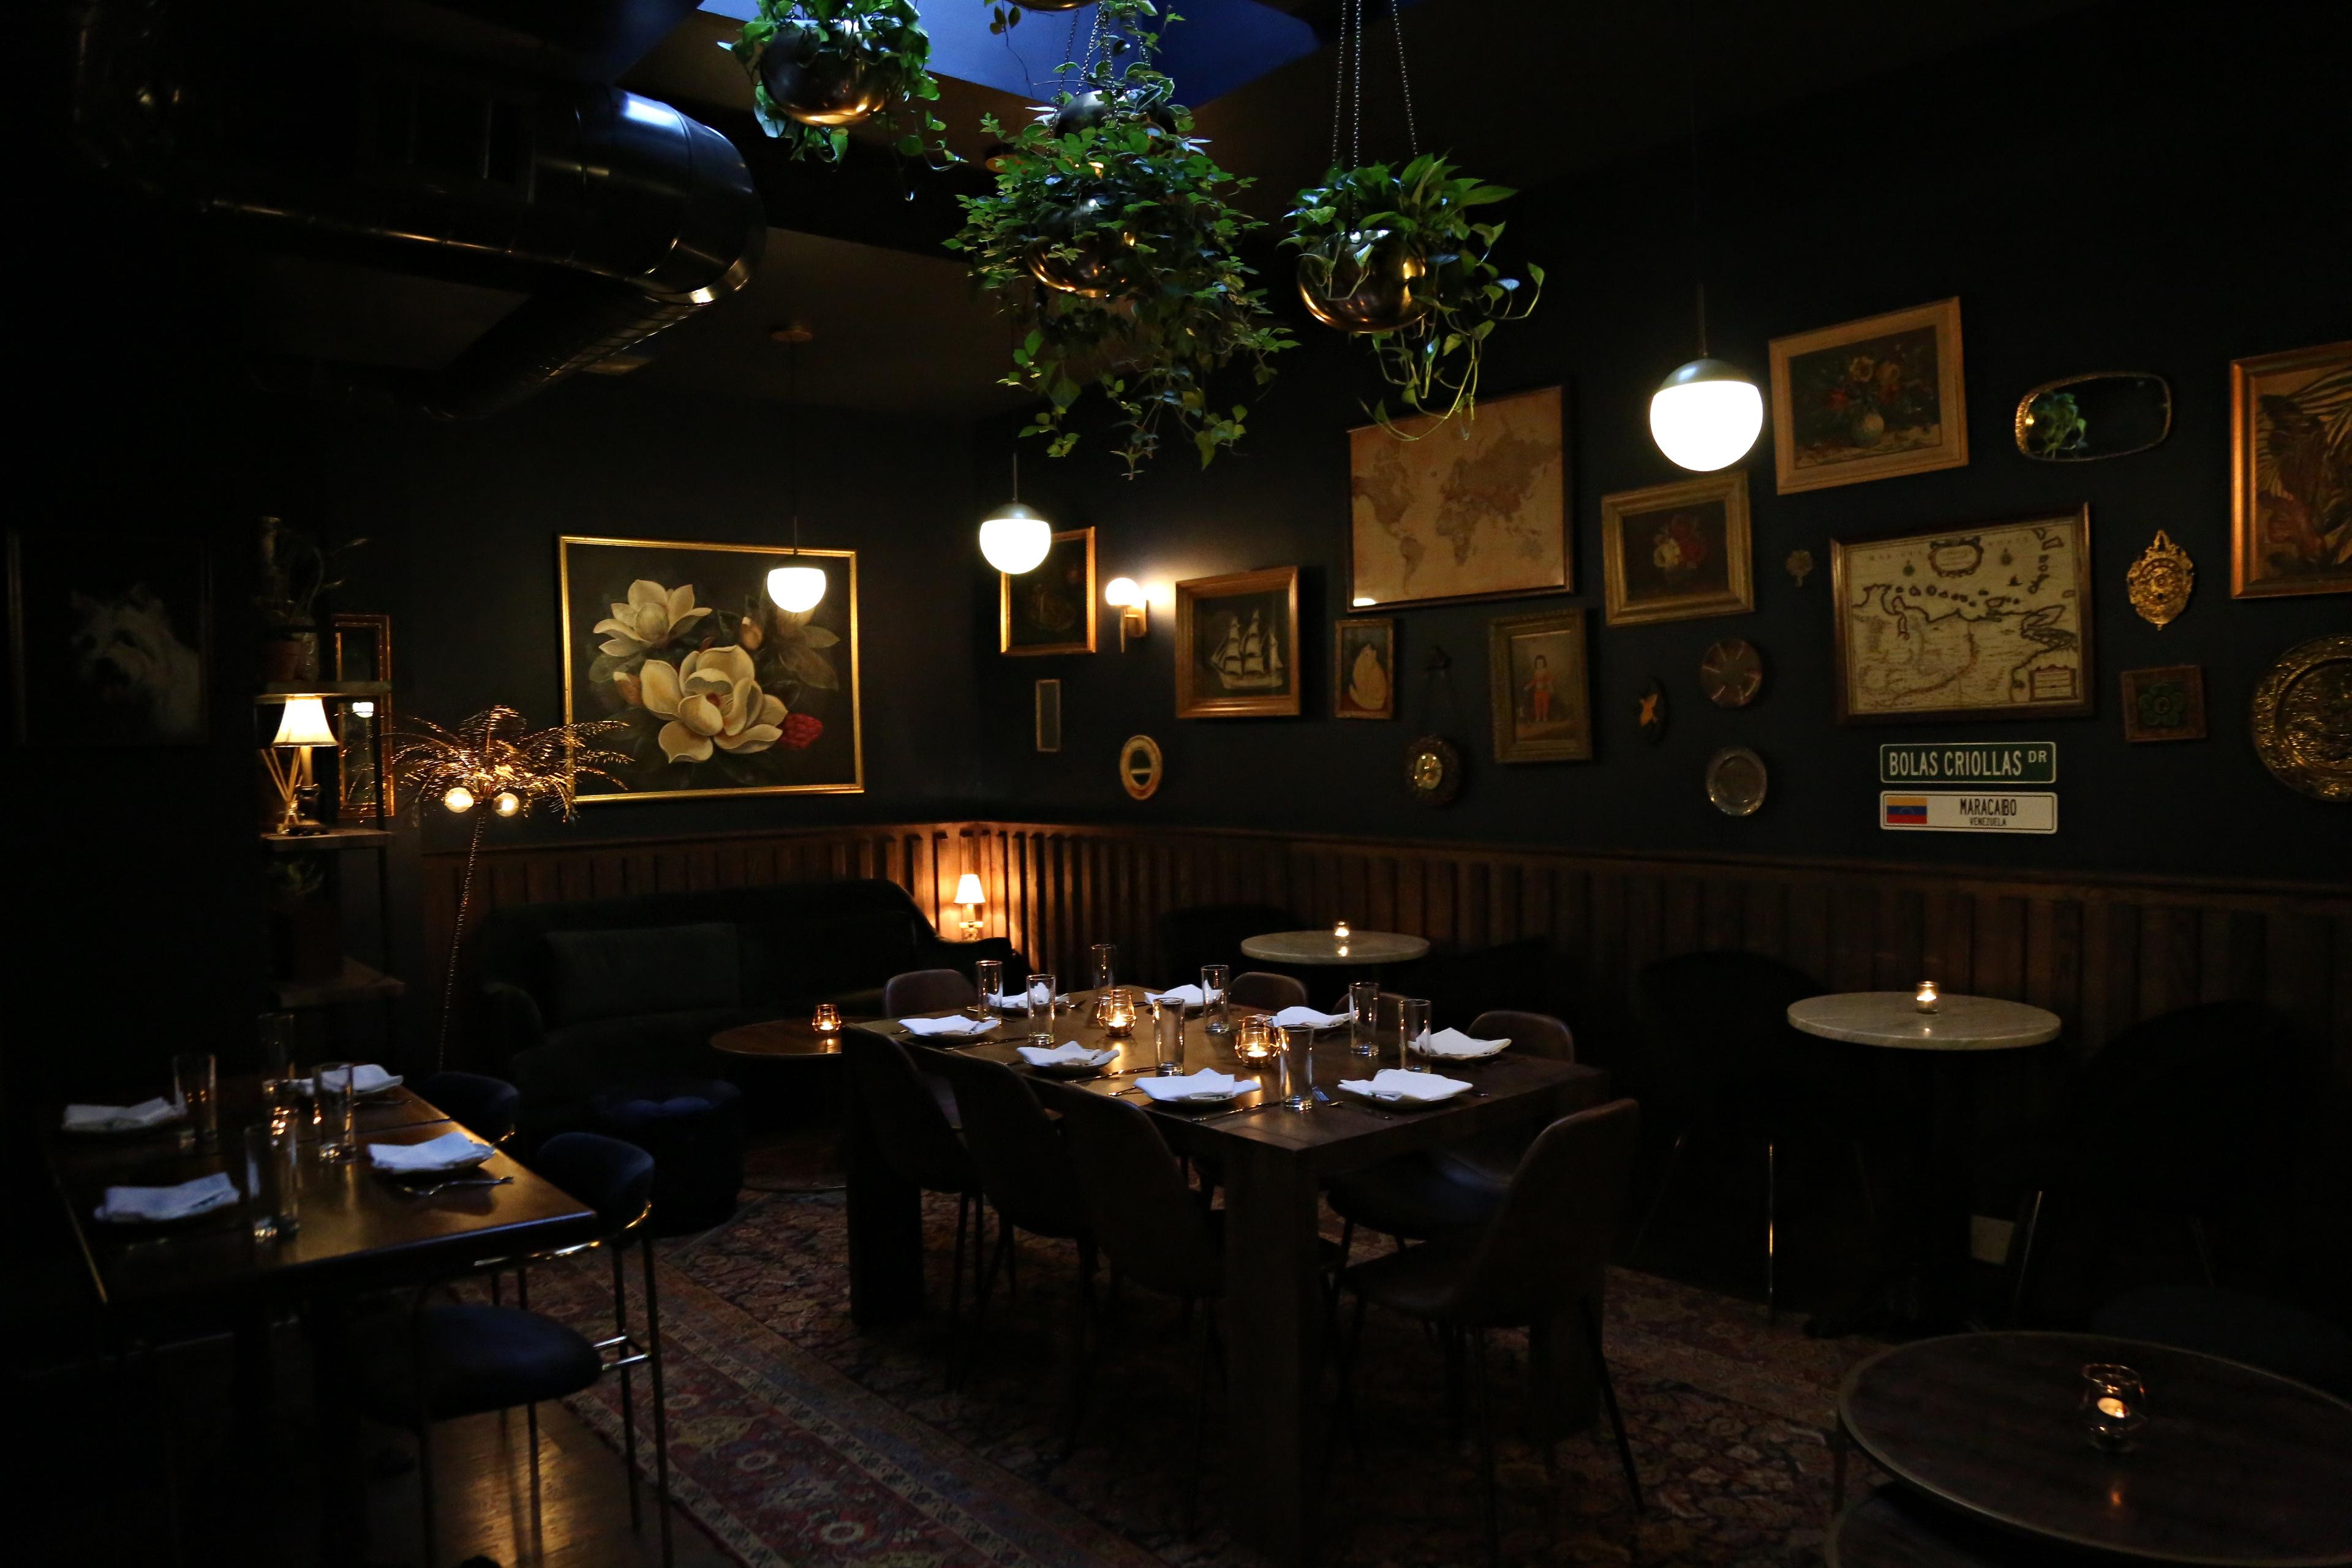 Inside Casa Ora, a dark library-style dining room